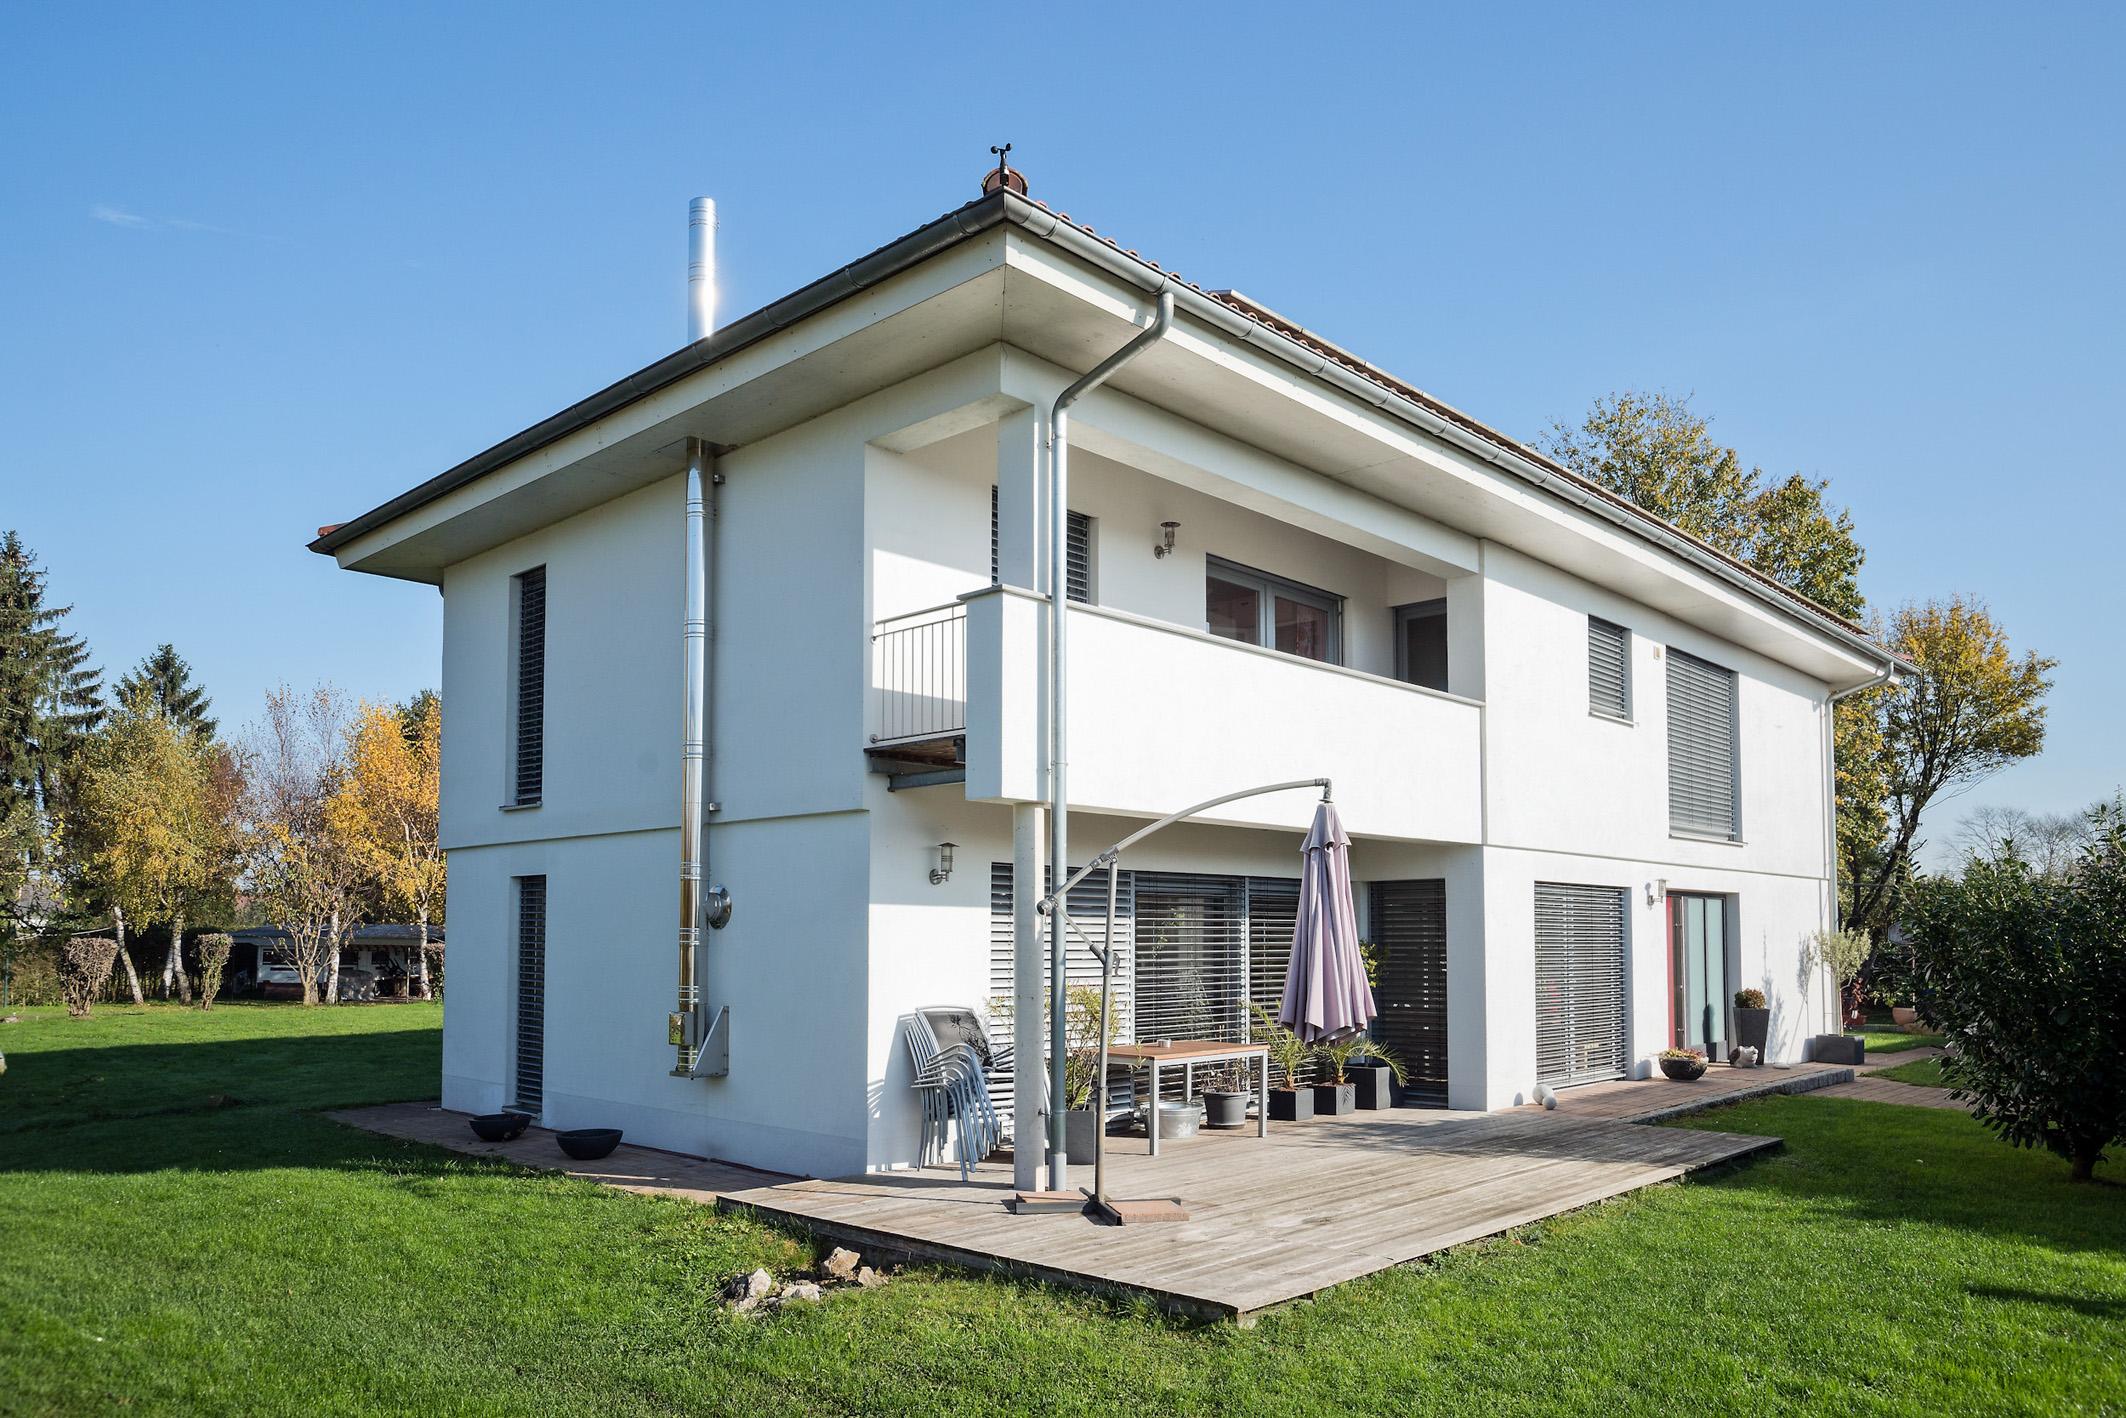 13 2017 traumhaus vom architekten for 03 architekten